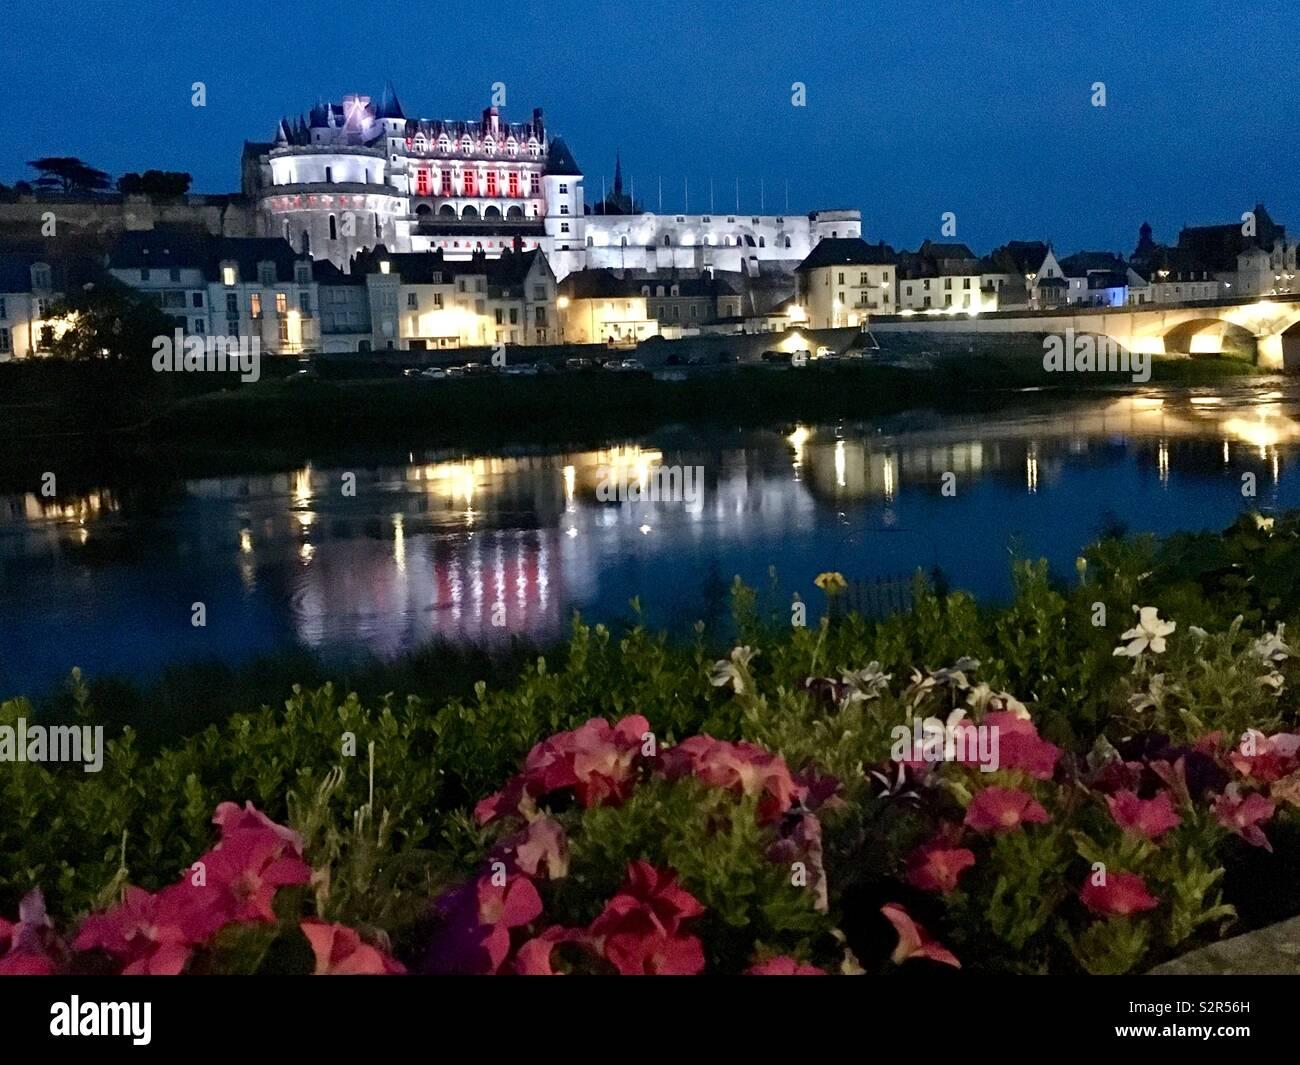 Castle at town Amboise on Loire river, Departement Loire er Cher, France. - Stock Image